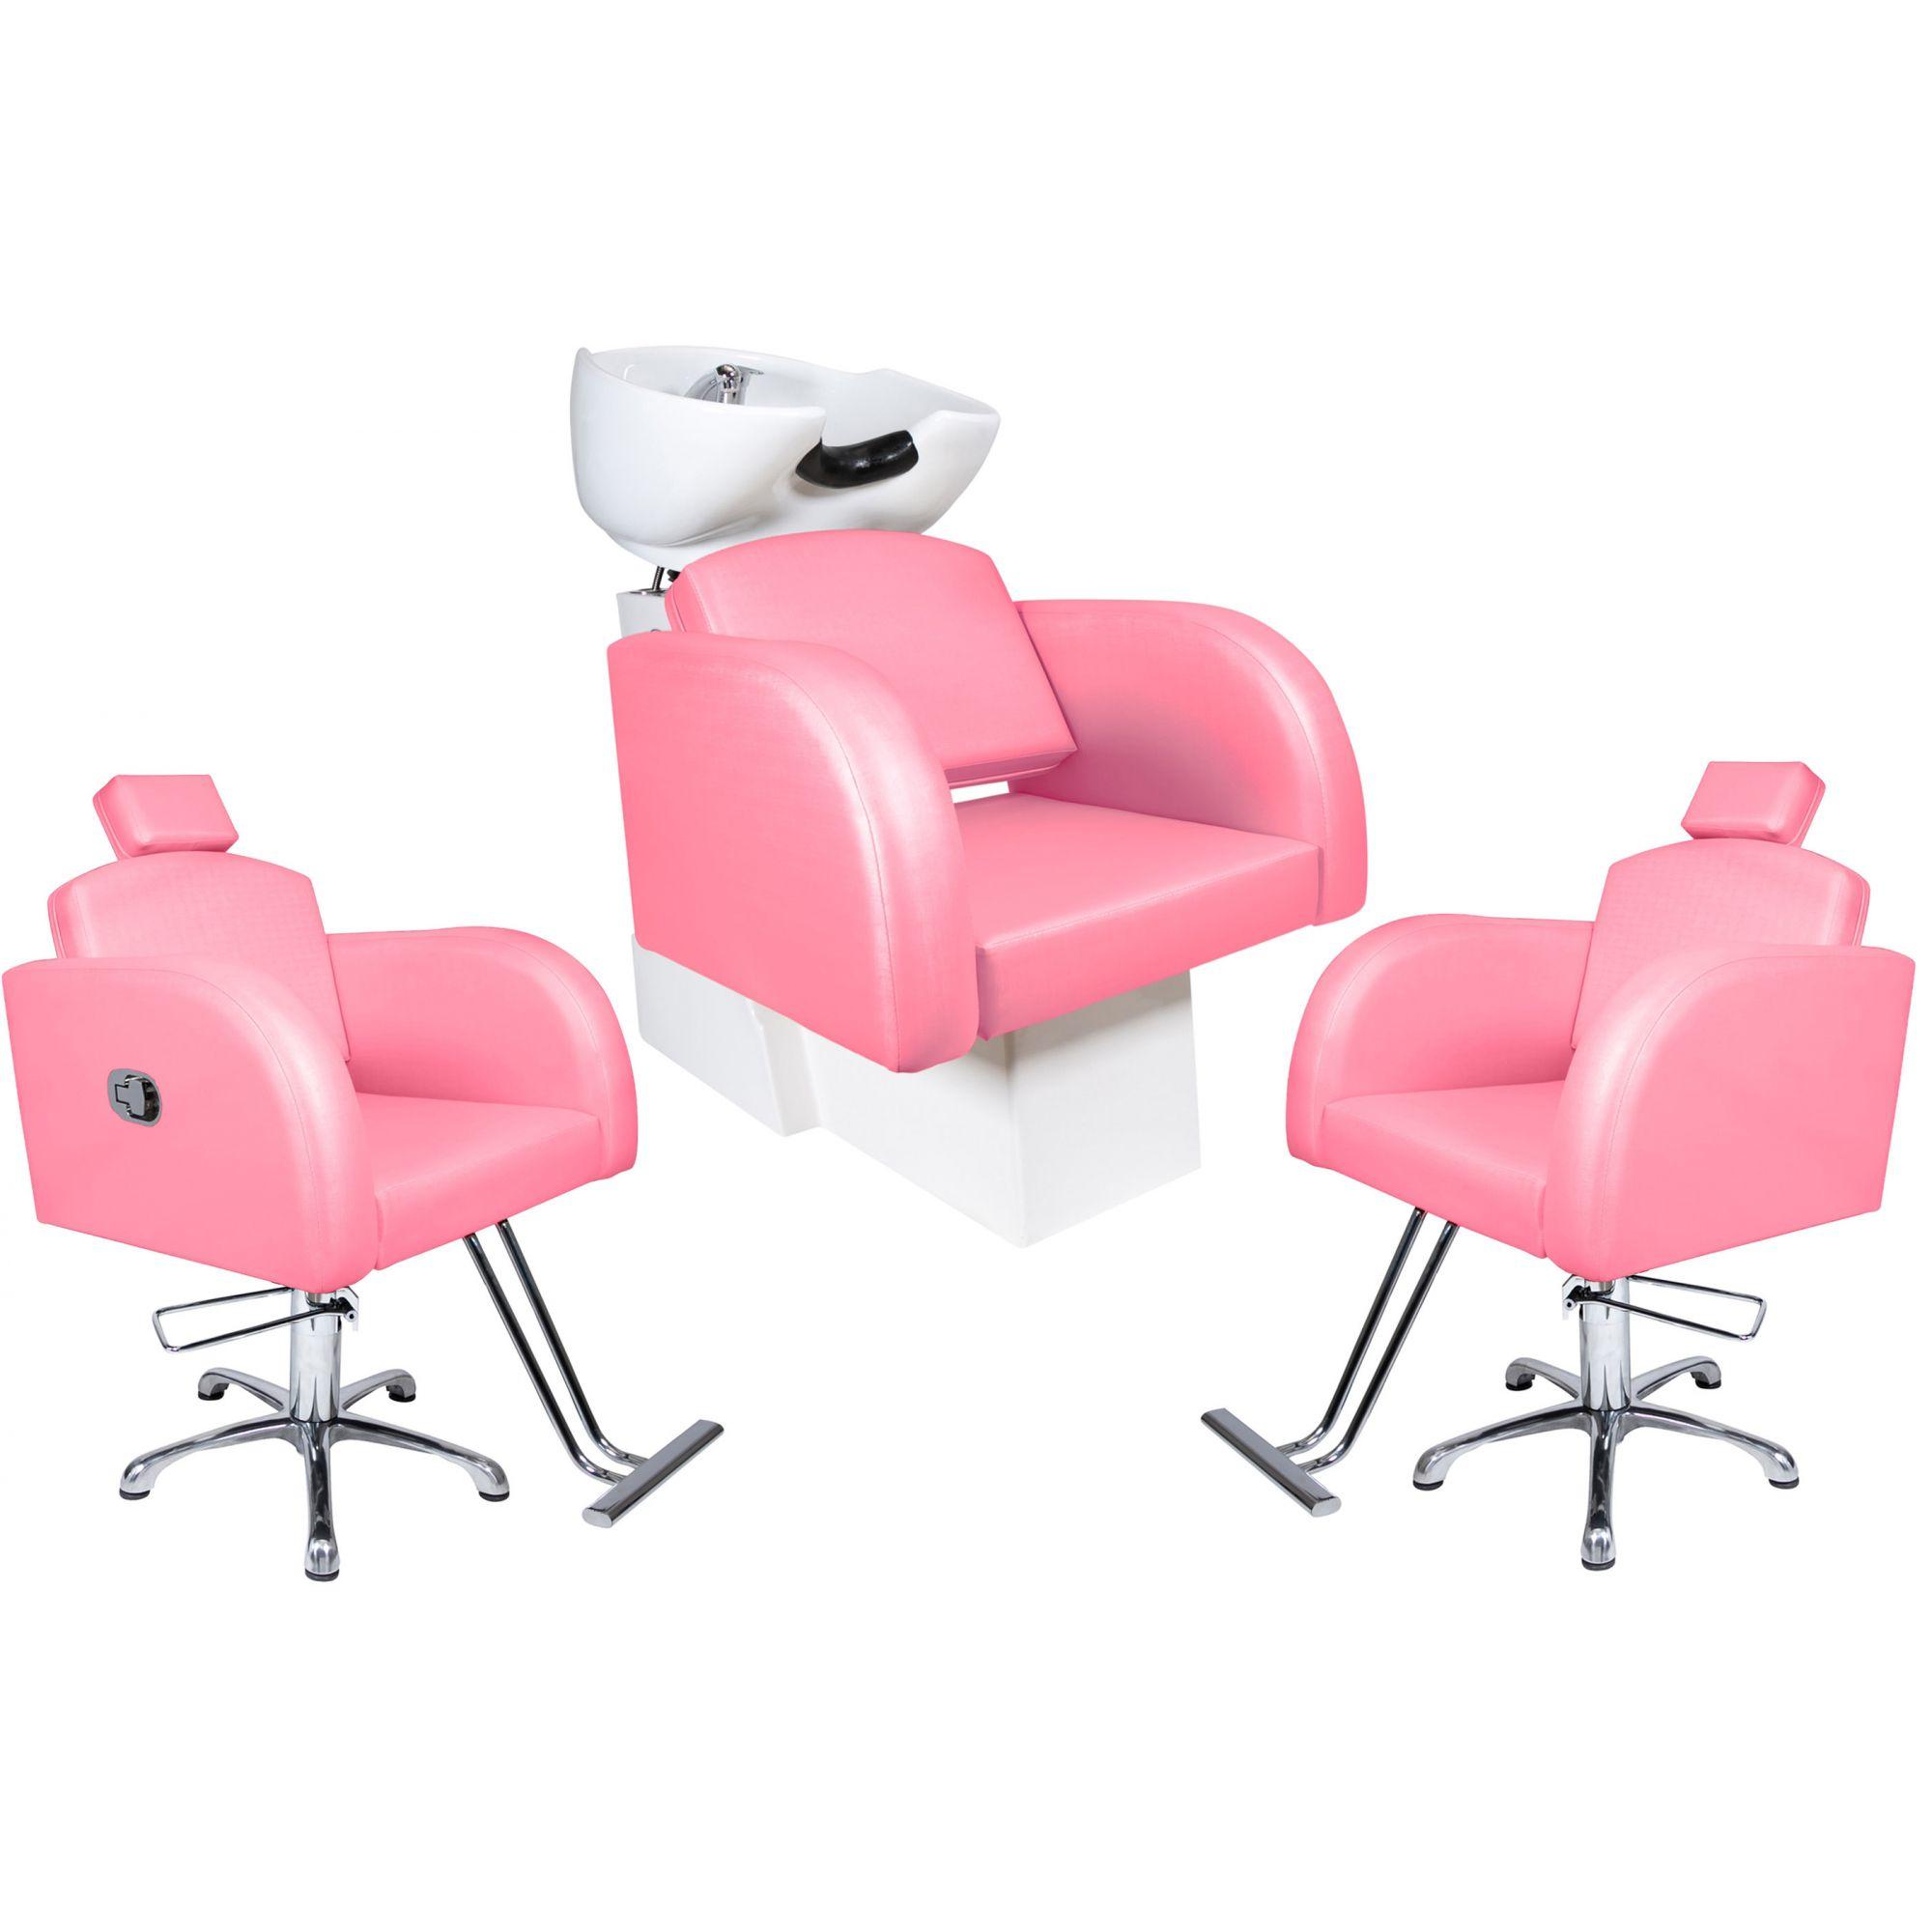 Destak Rosa - Lavatorio + Cadeira Reclinável + Cadeira Fixa